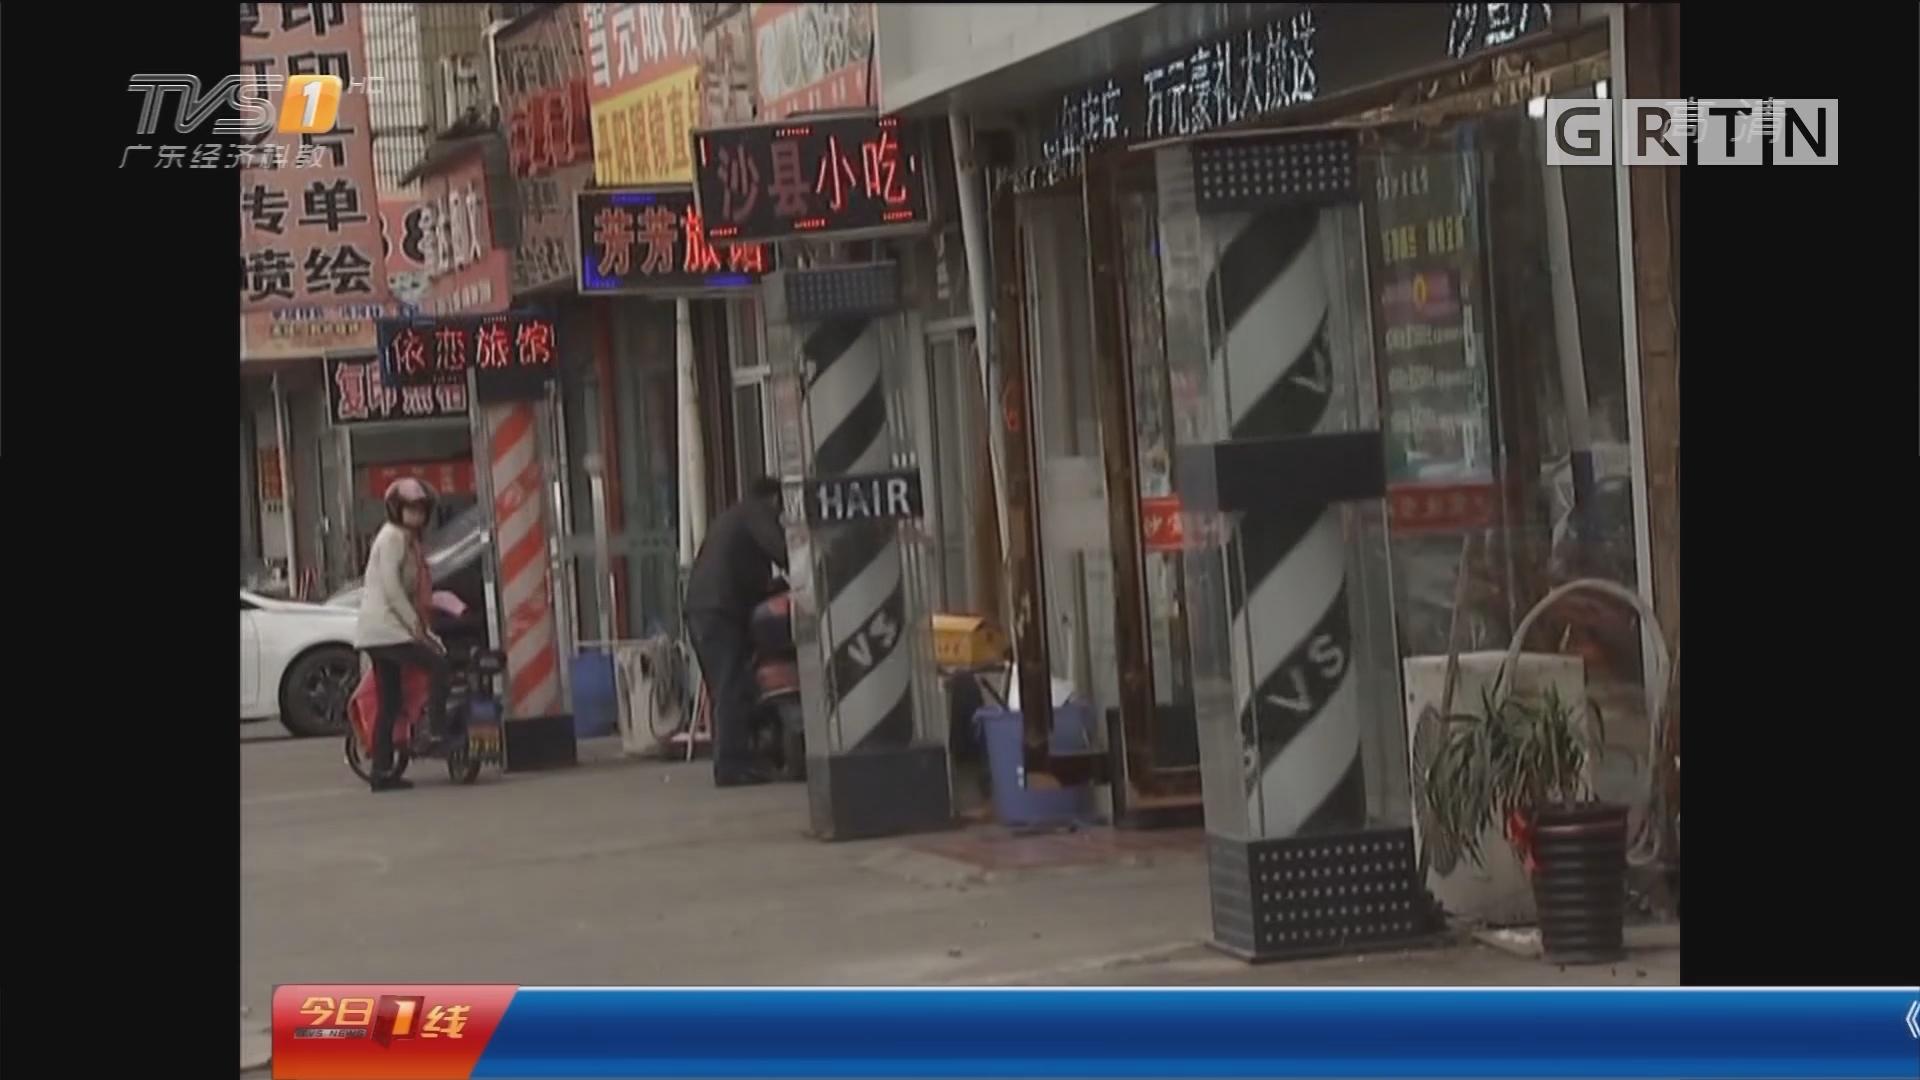 江苏常州:整容缺钱 竟色诱老板拍照敲诈